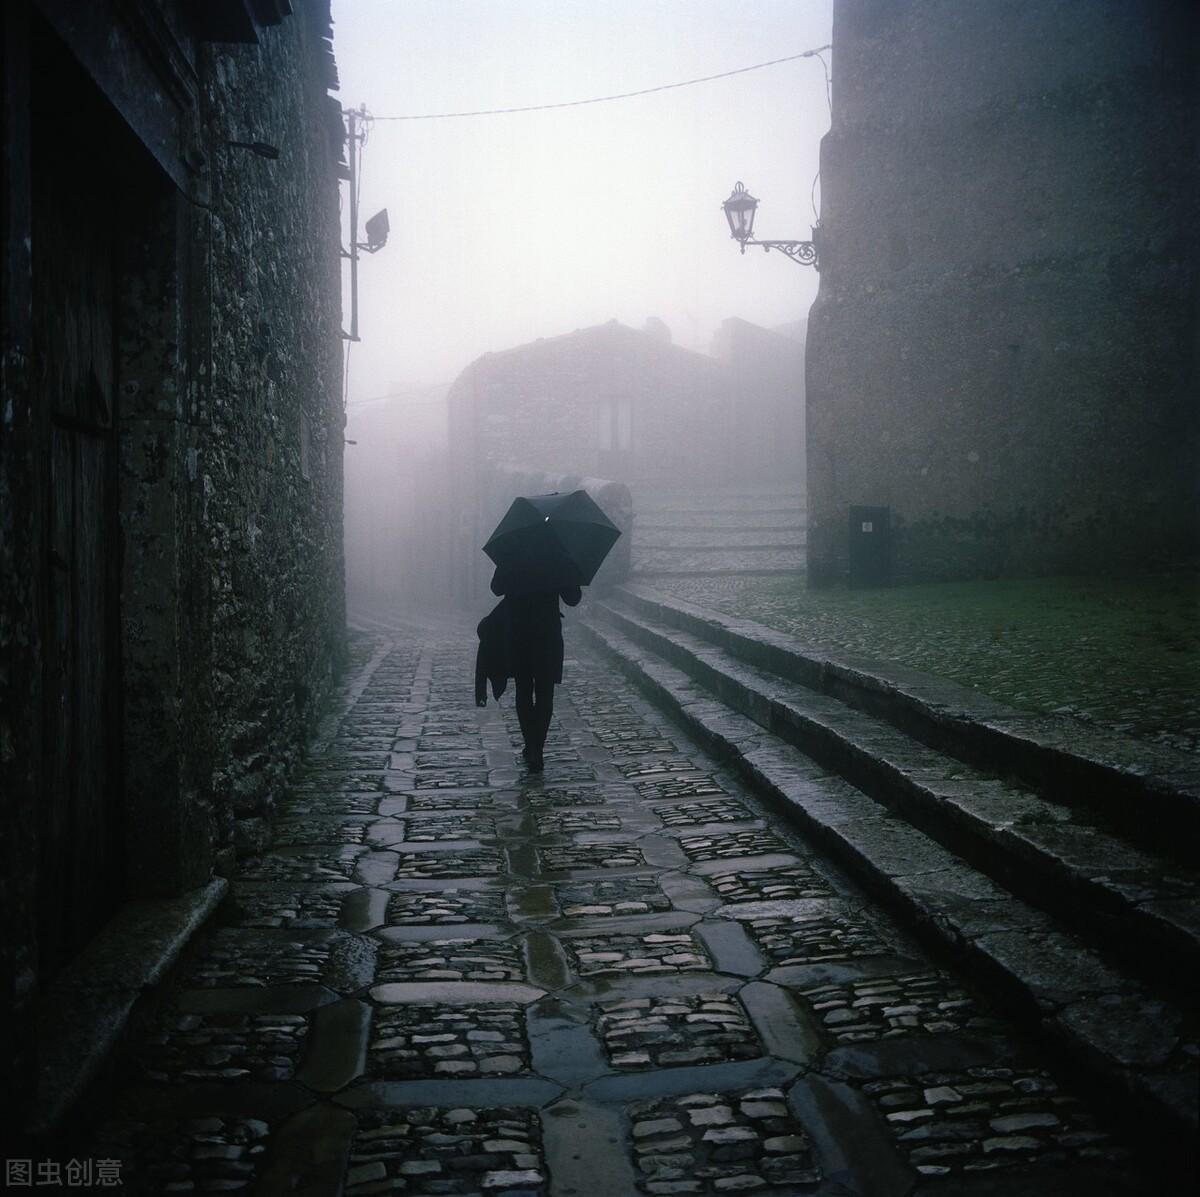 当你熬过孤独的时候 你再也不会期待任何人